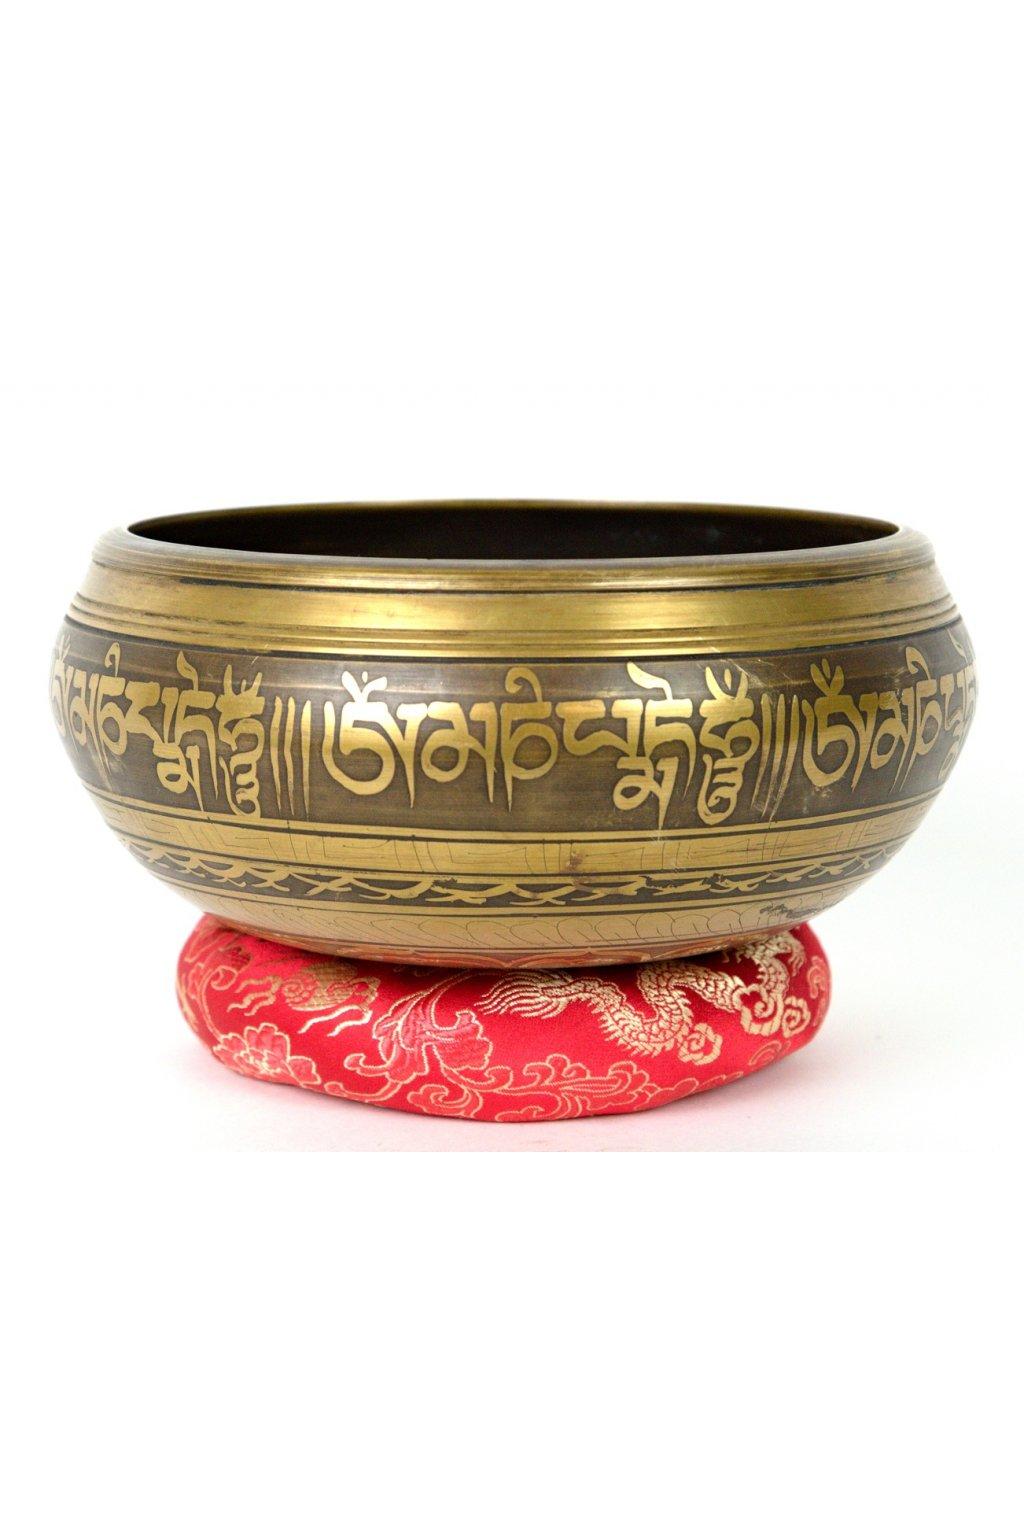 Tibetská zpívající mísa 1089 gr - odlévaná